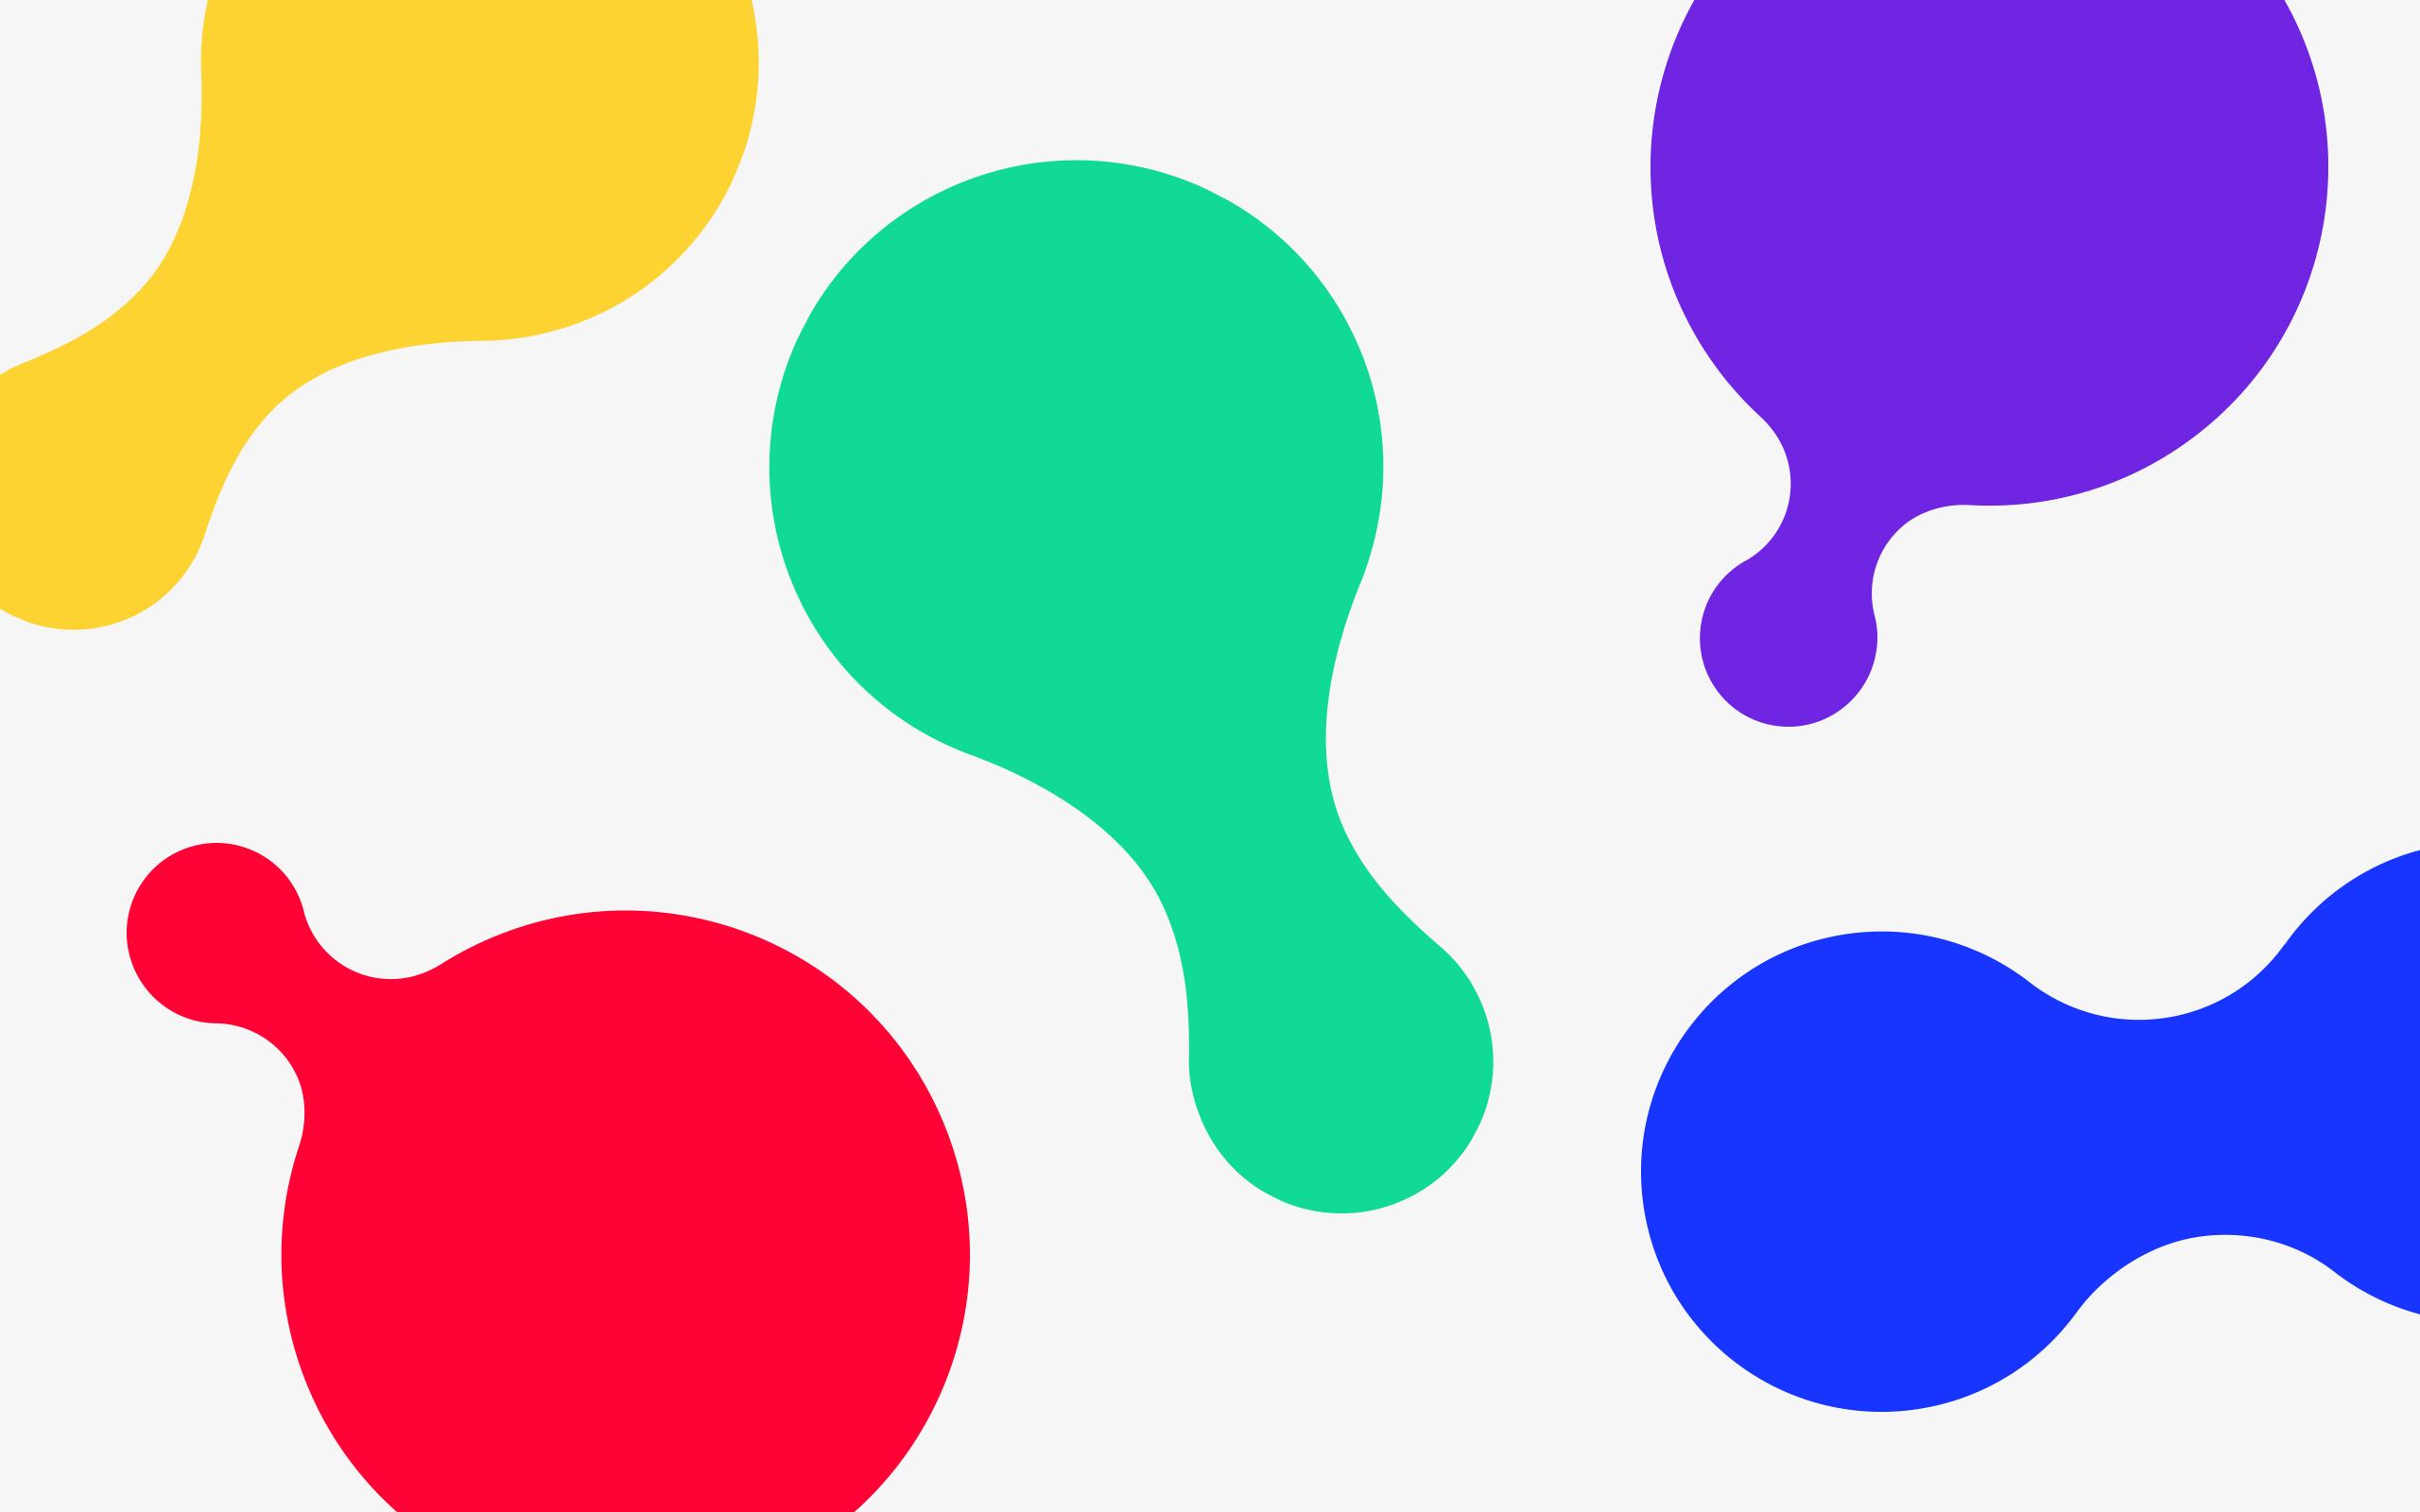 Design DNA shape illustrations for Zichtbaarr